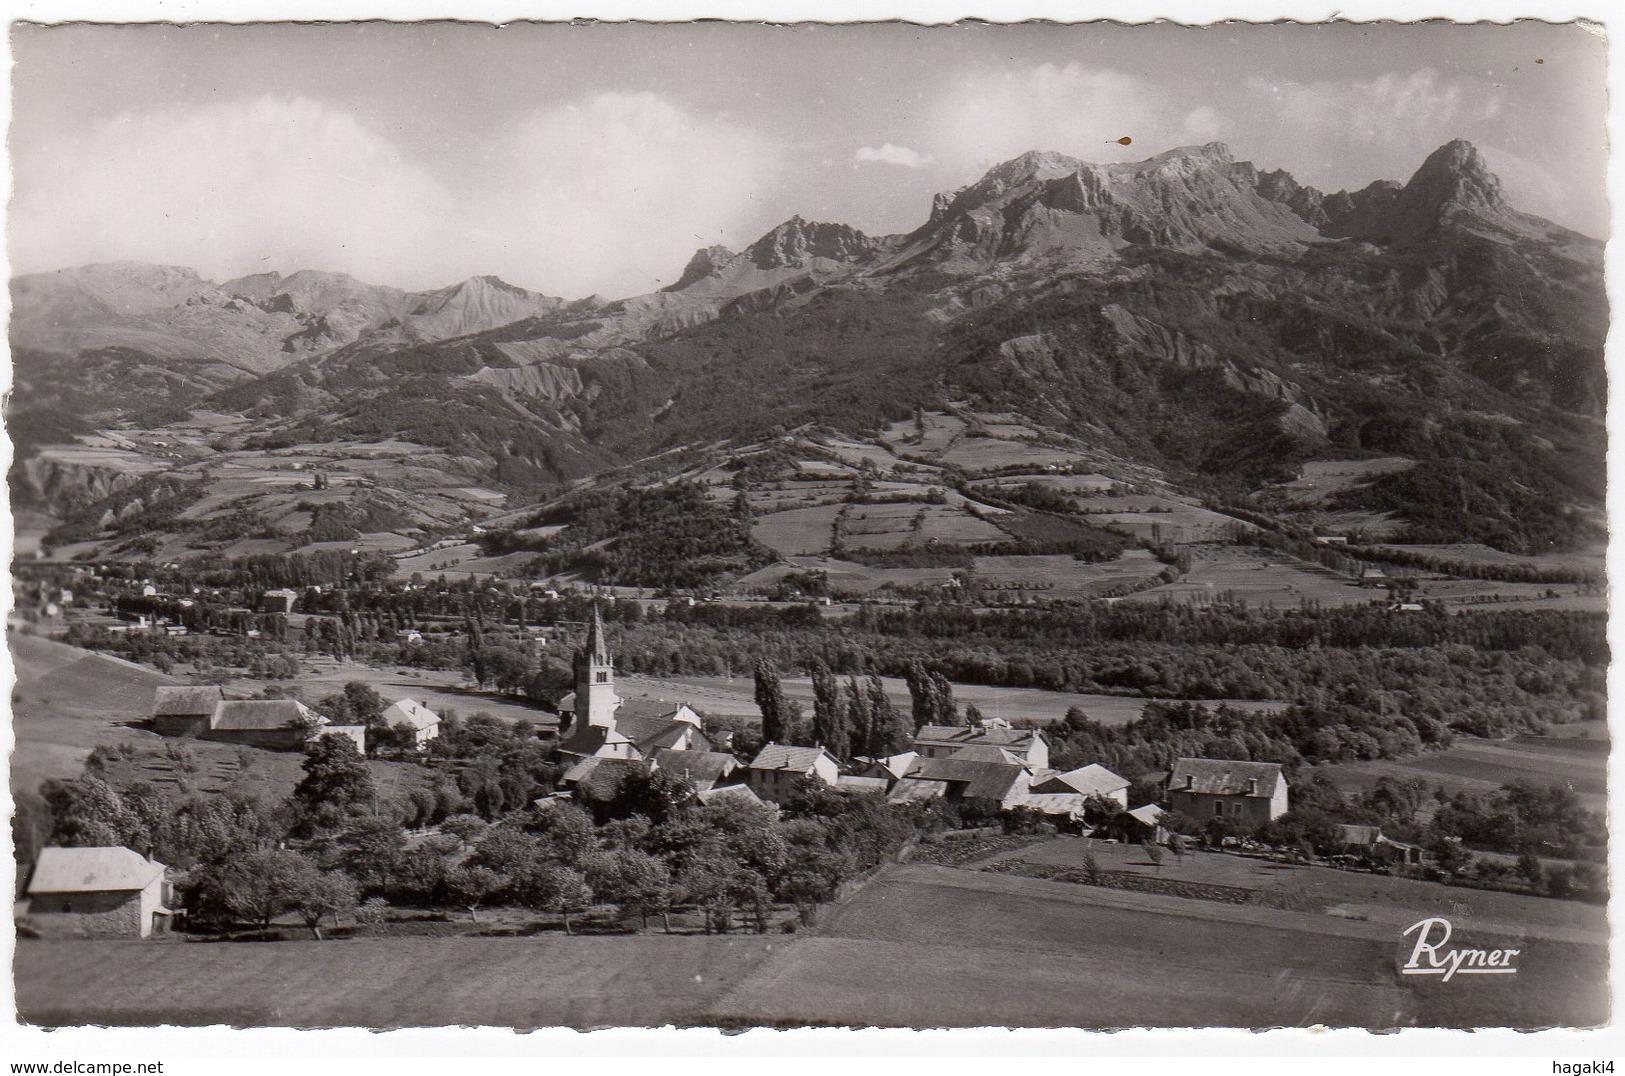 CPSM 04 : 2540 - Environs De BARCELONNETTE - Le Village De SAINT-PONS - Ed. Ryner à Marseille - France